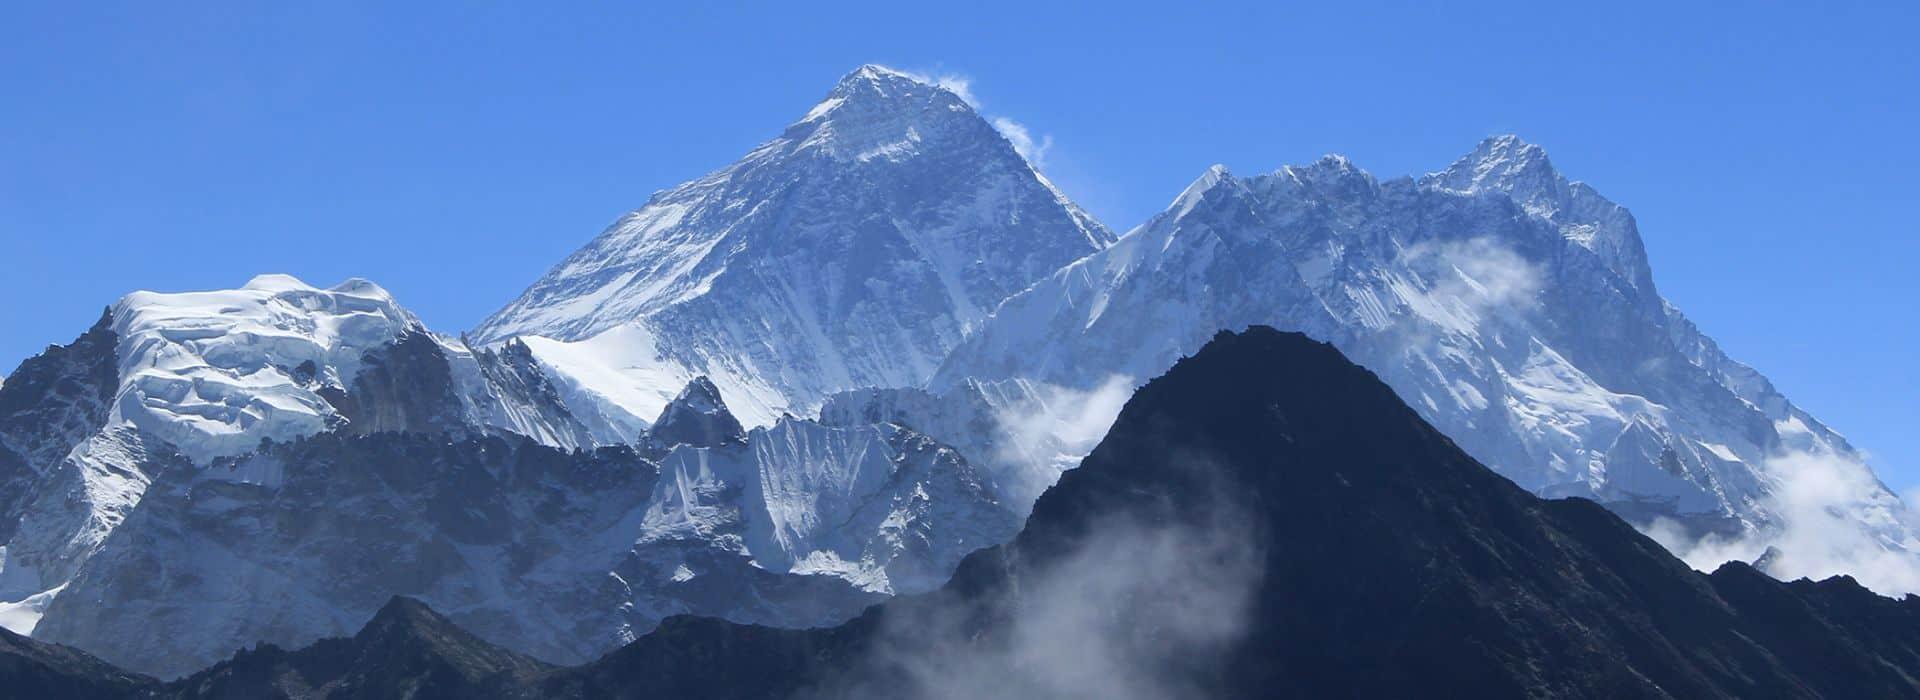 Everest Base Camp Trek in June